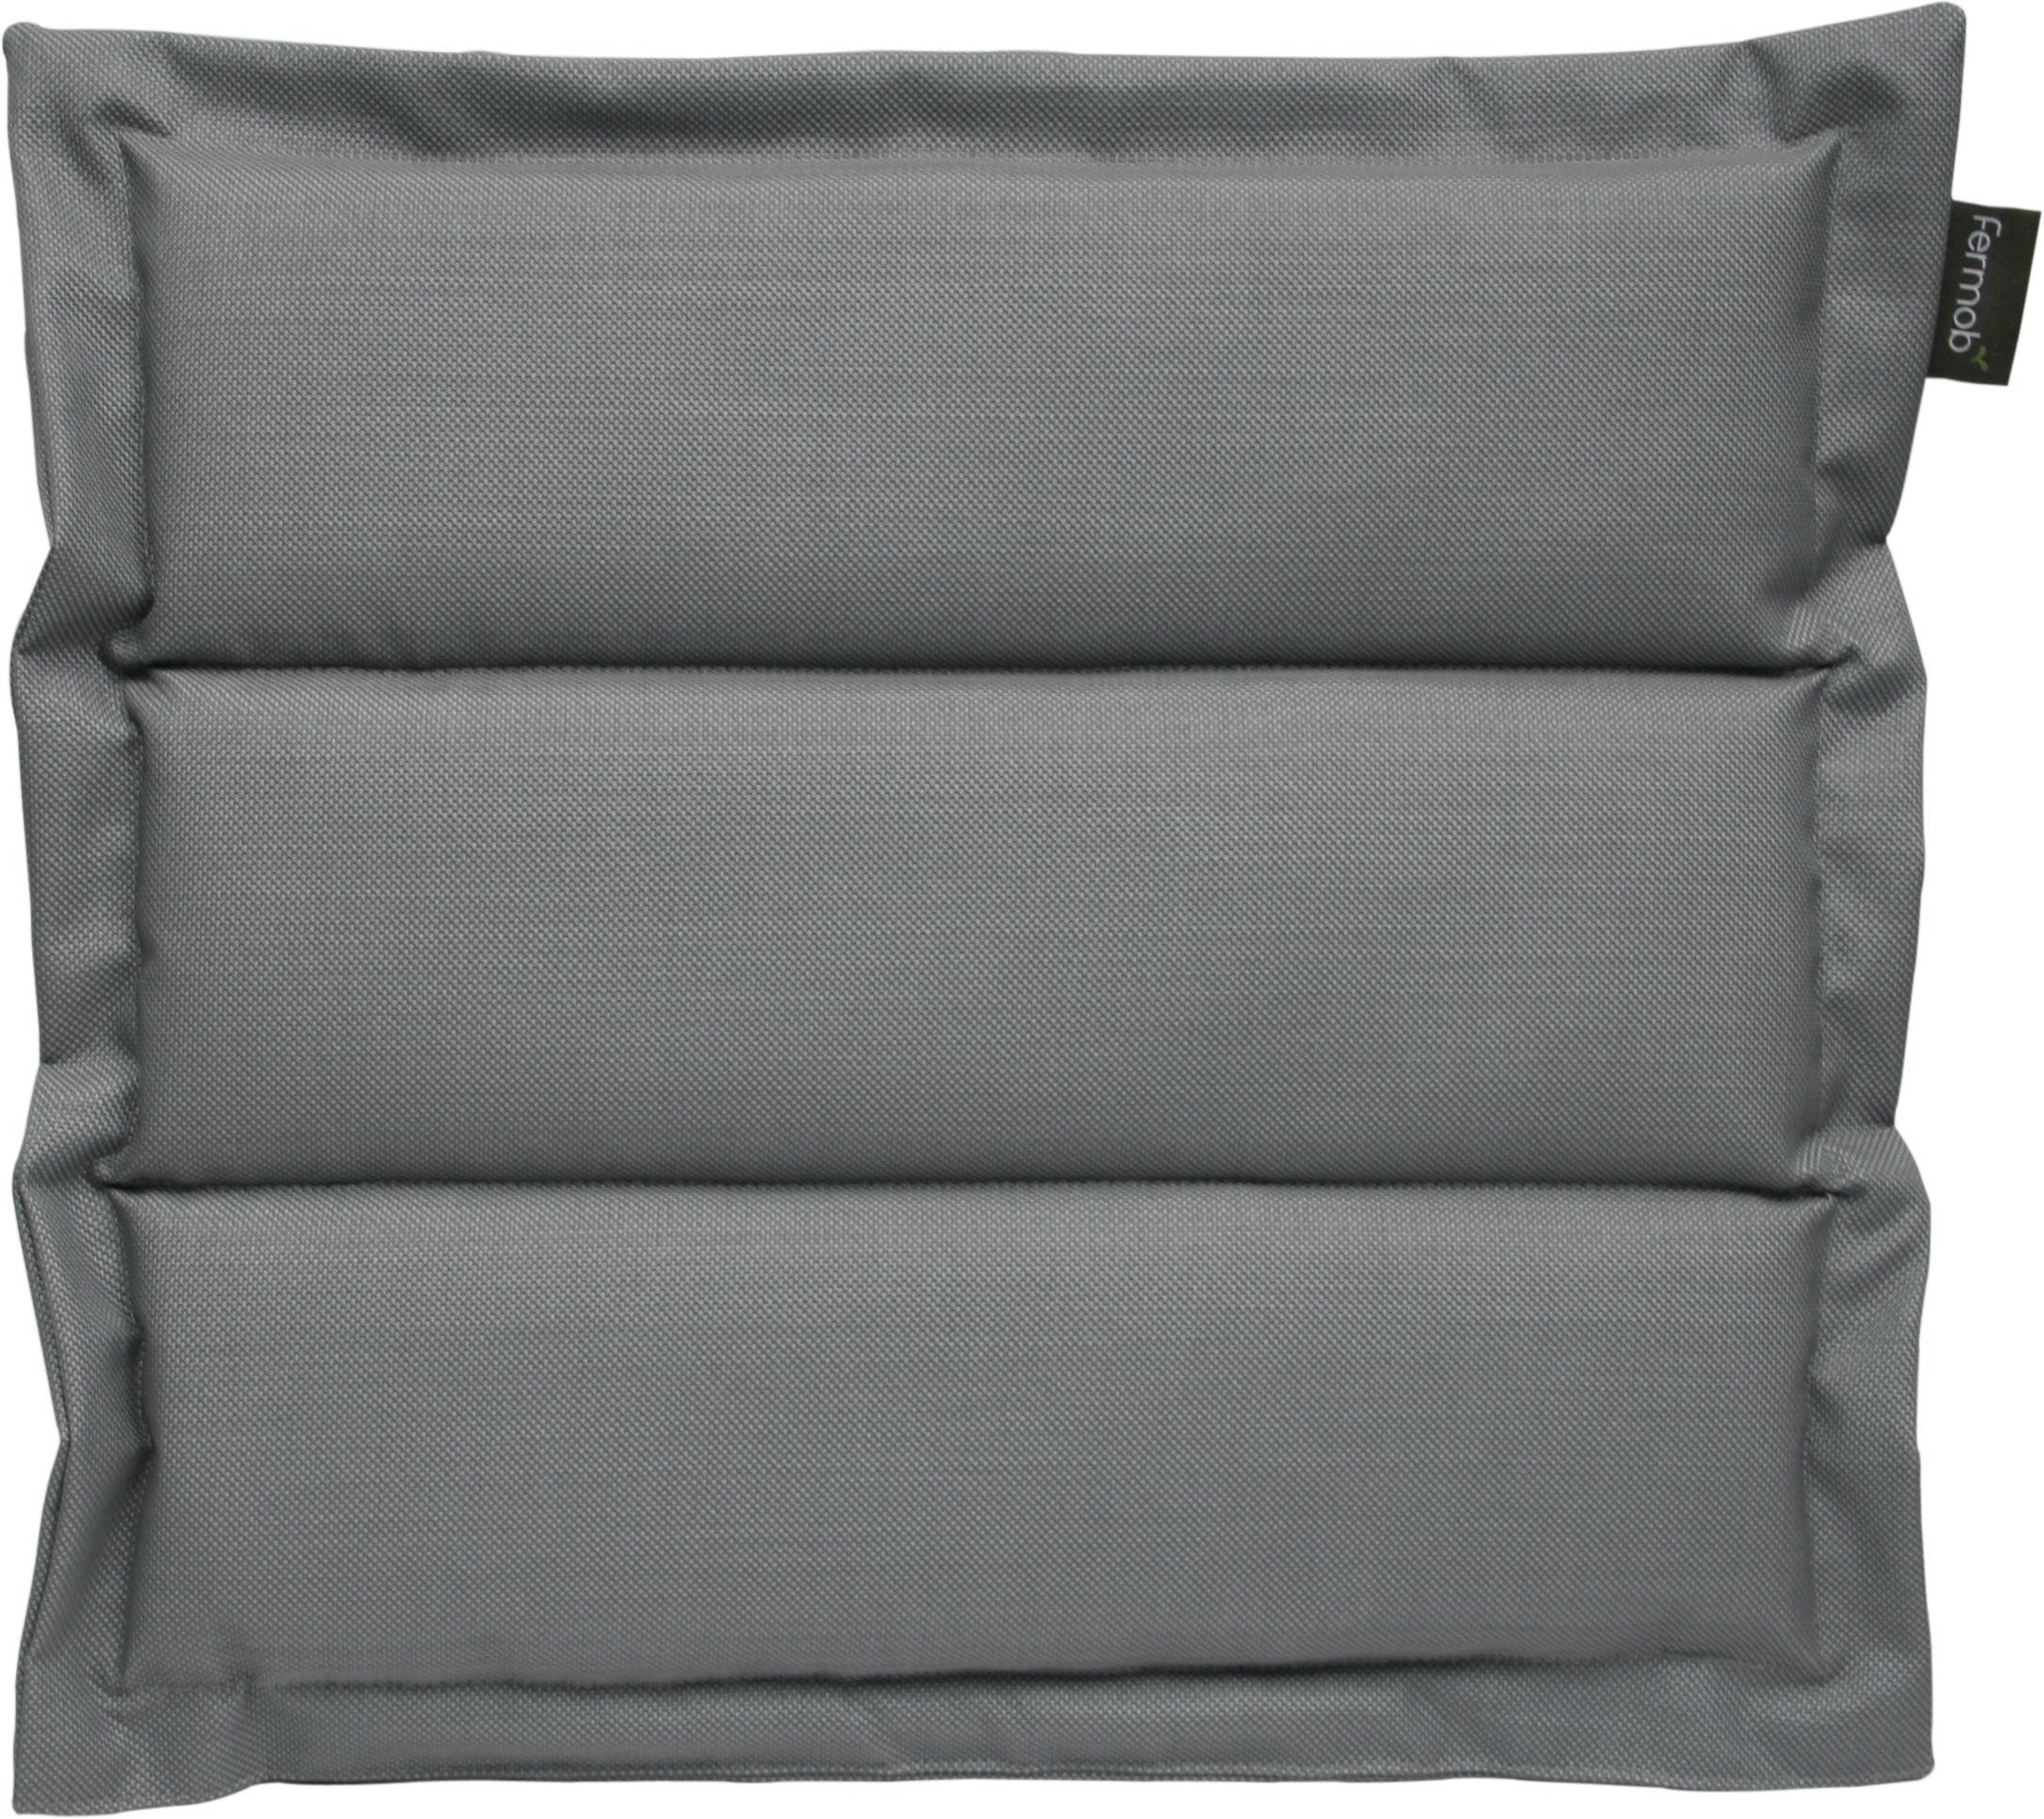 coussin d 39 ext rieur pour chaise et fauteuil luxembourg gris fermob. Black Bedroom Furniture Sets. Home Design Ideas